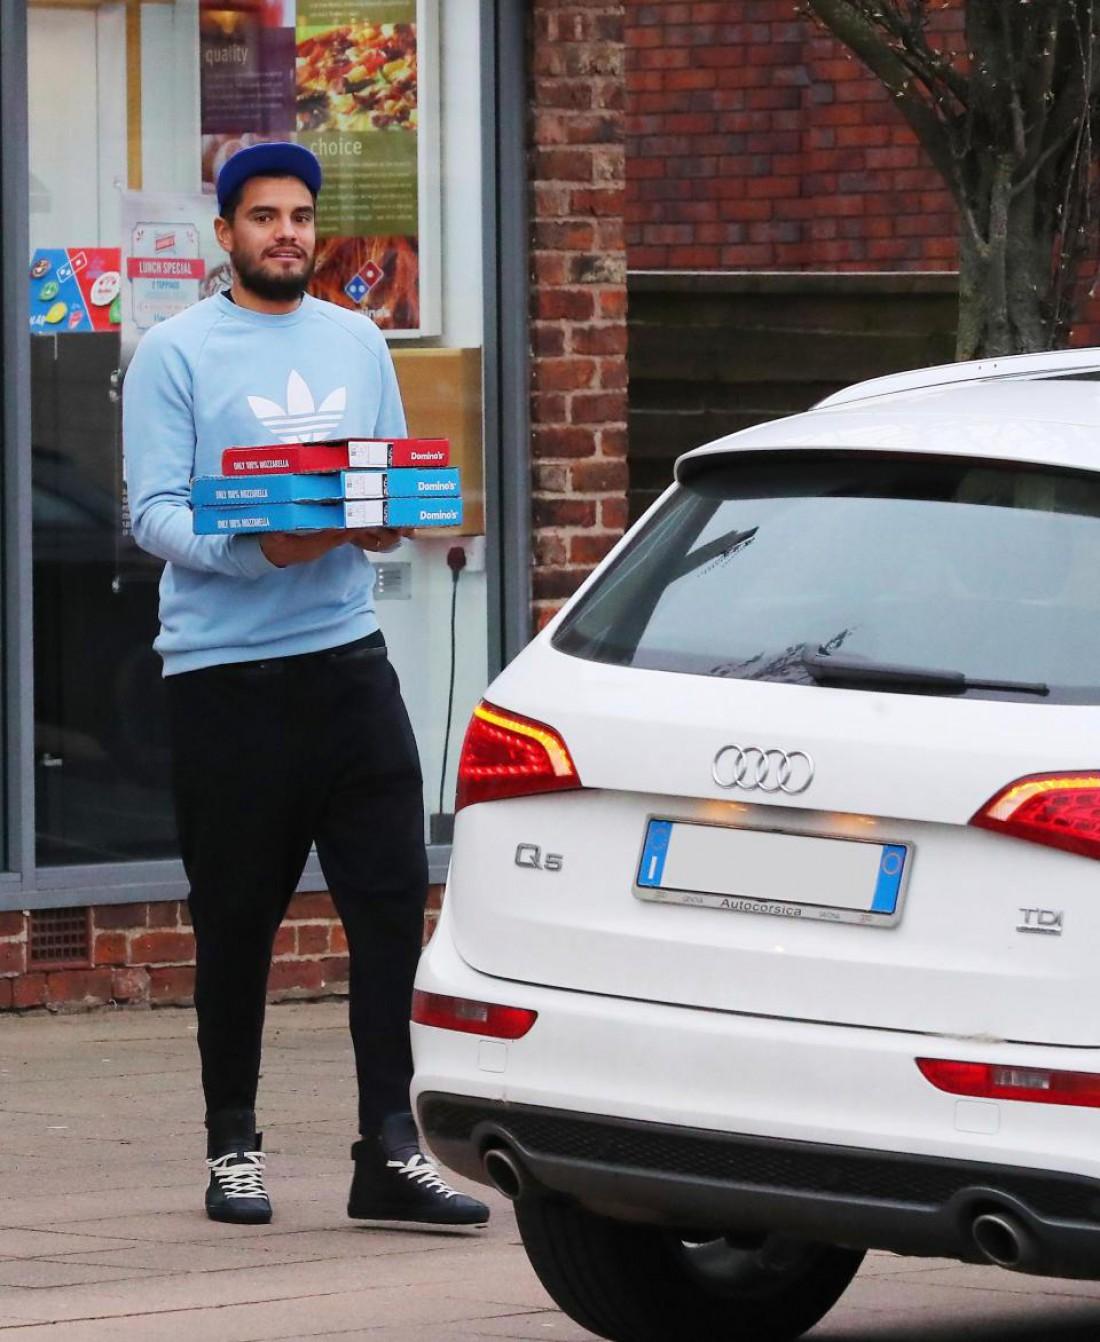 Серхио Ромеру купил несколько пицц